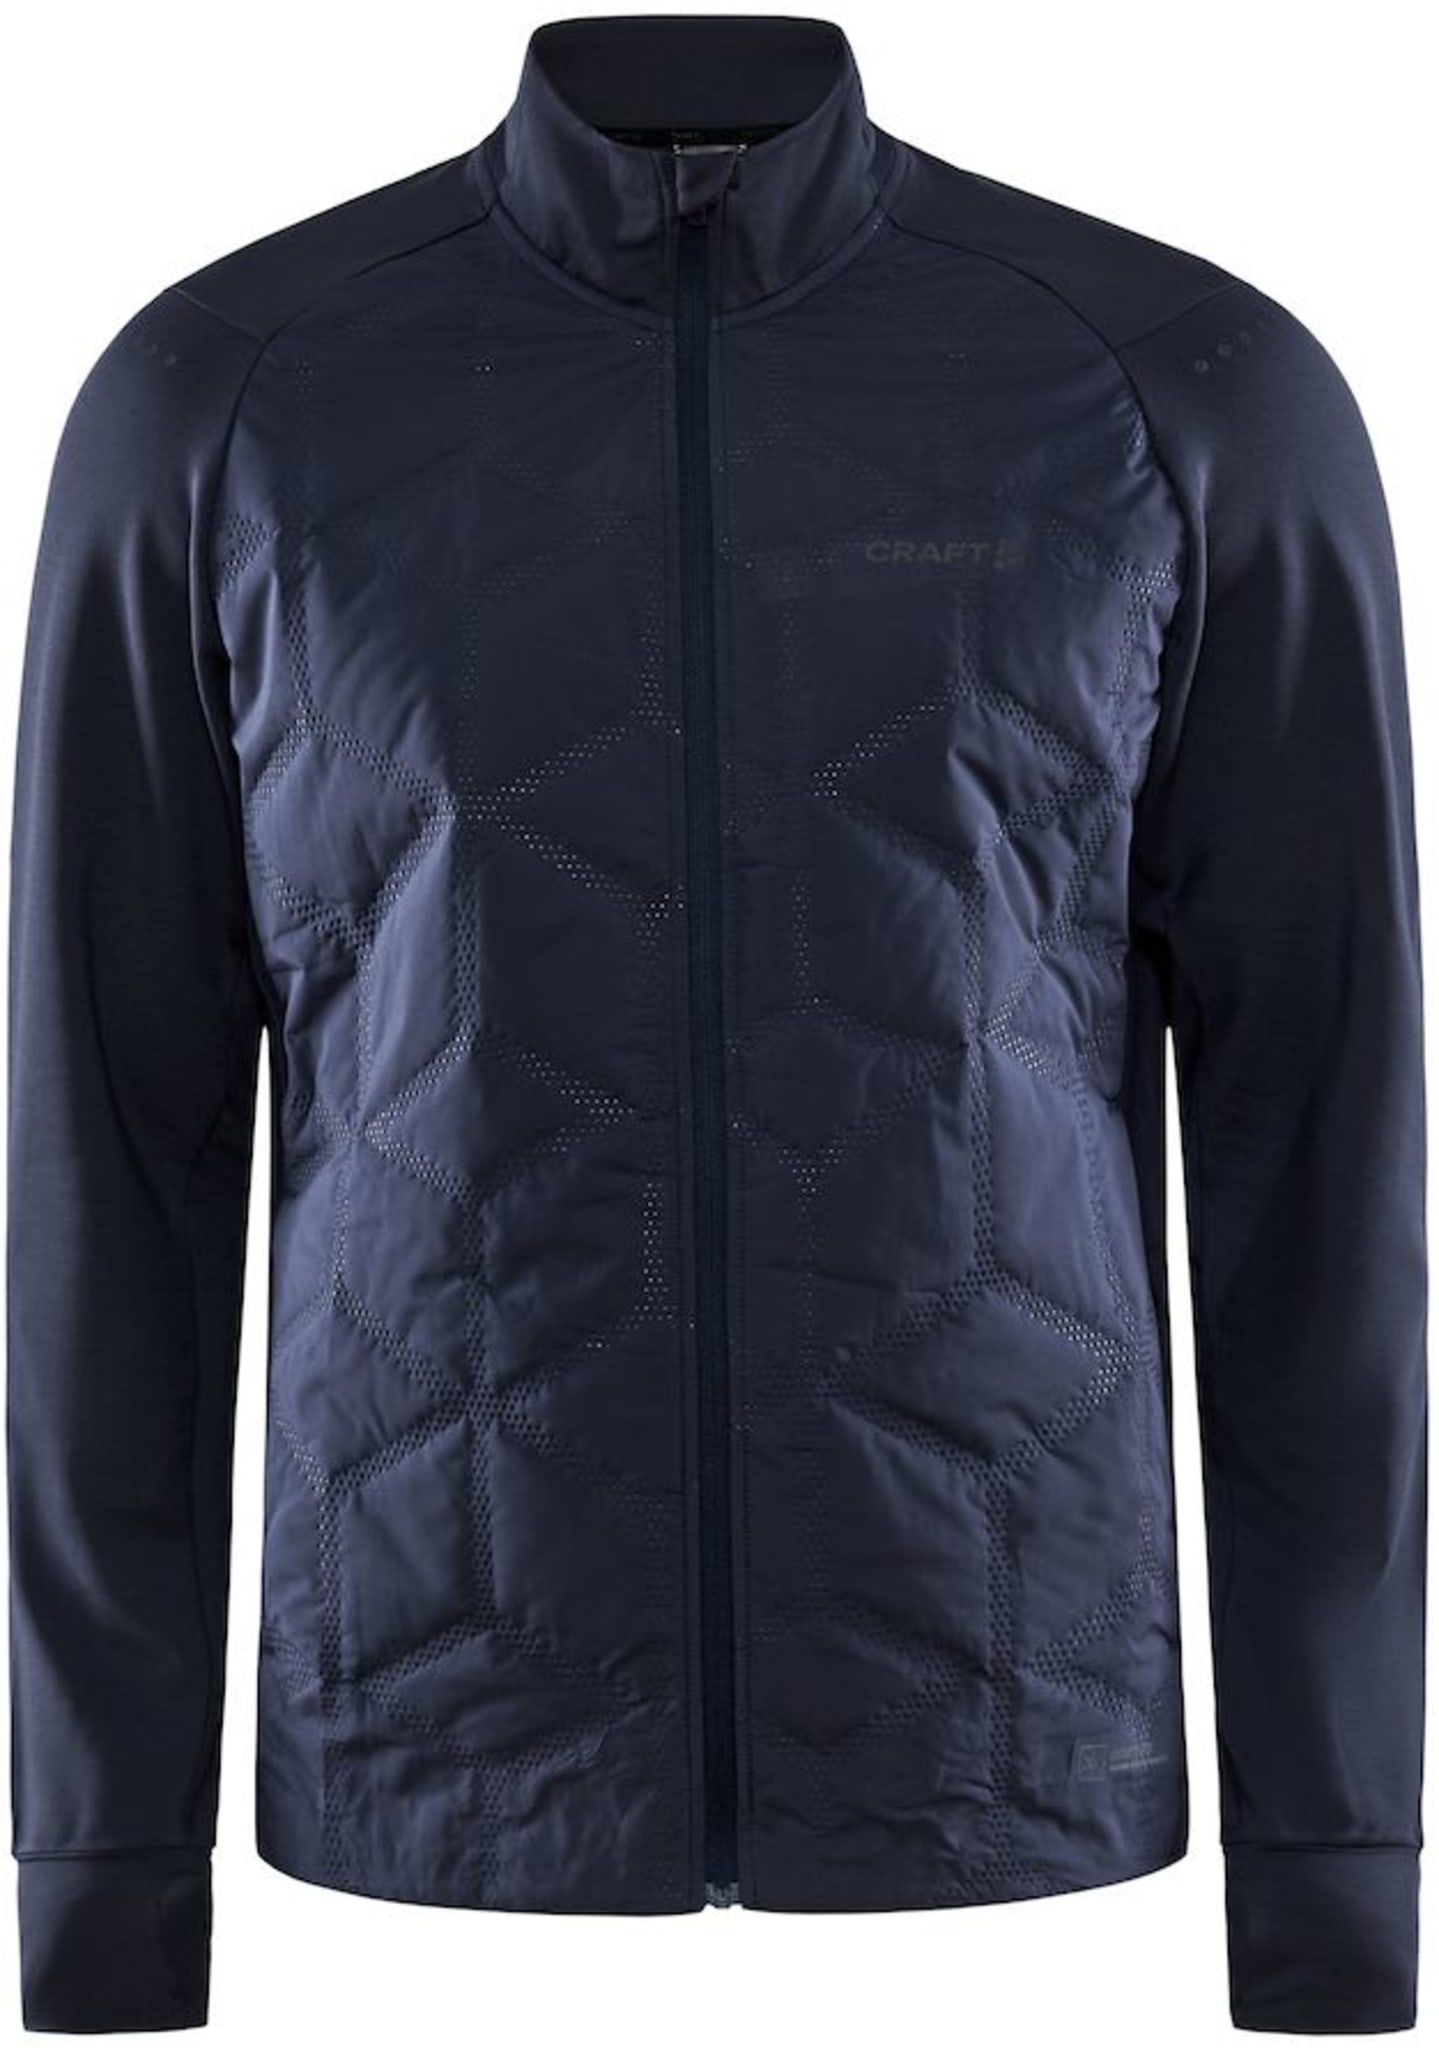 Adv Subz Jacket 2 M